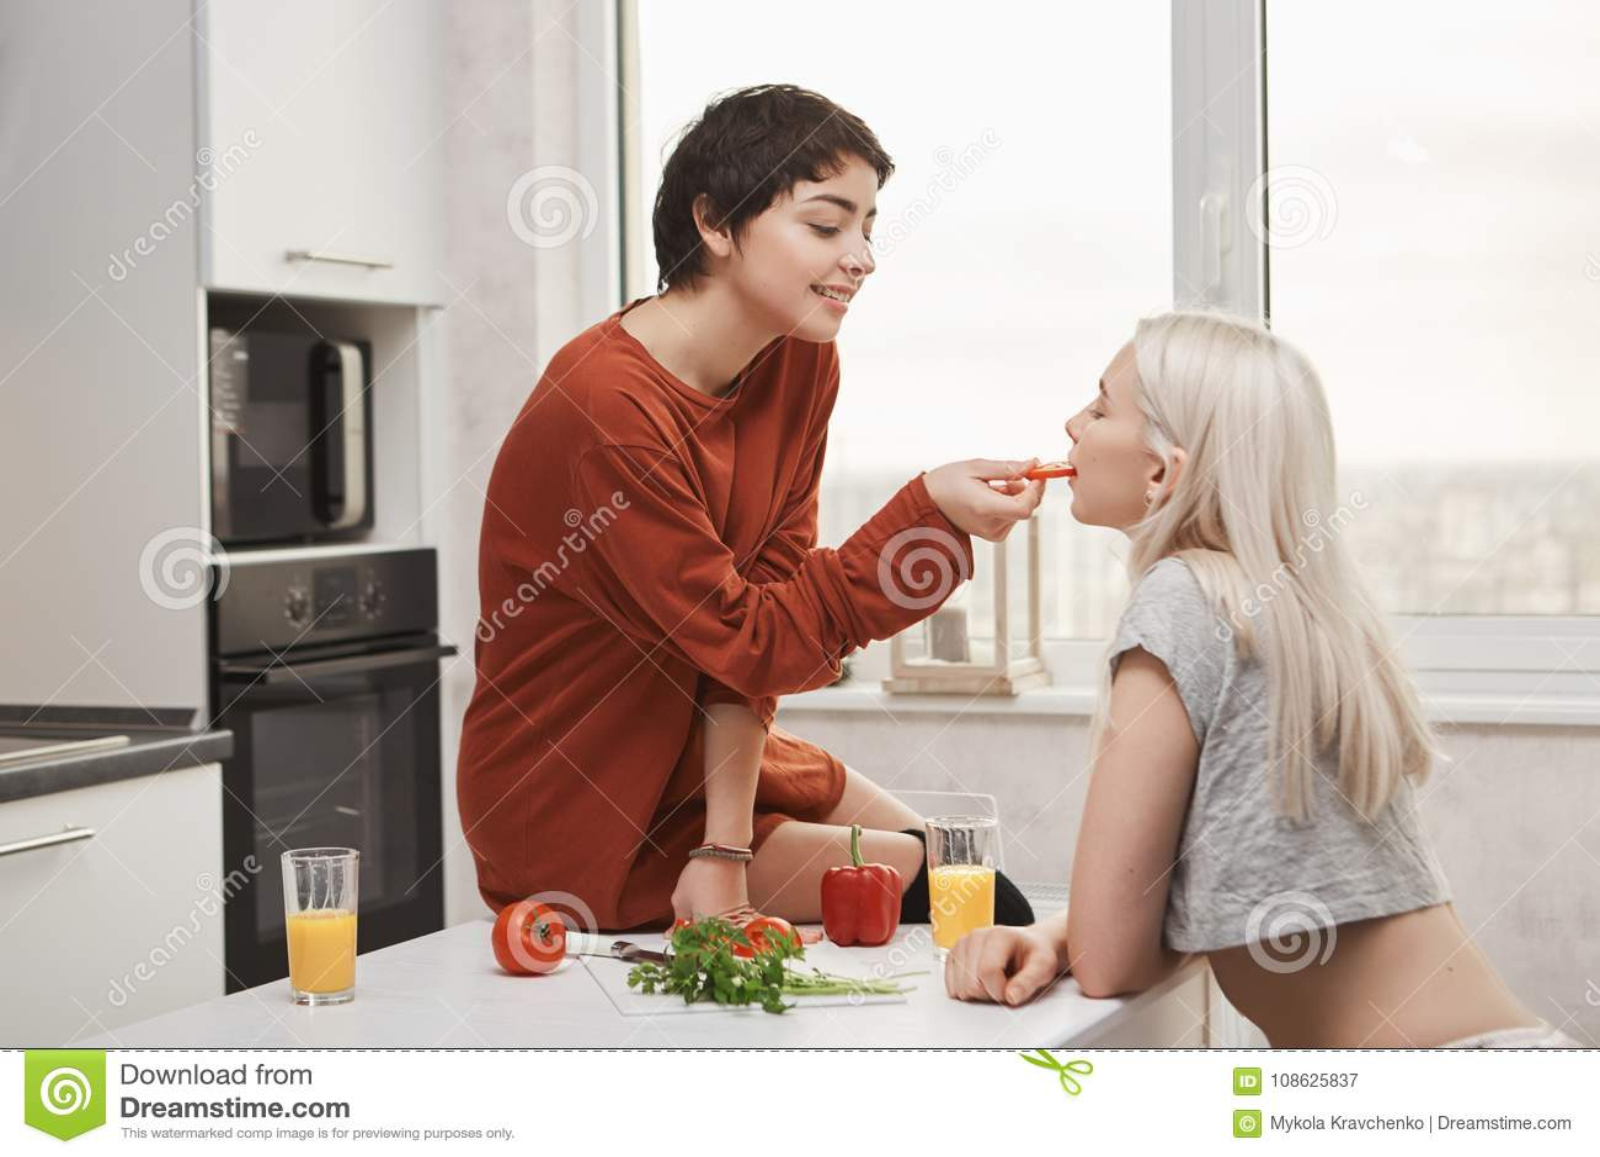 Tiro interior dulce y lindo de la mujer camisa-cabelluda caliente que alimenta a su novia mientras que se sienta en la tabla y la